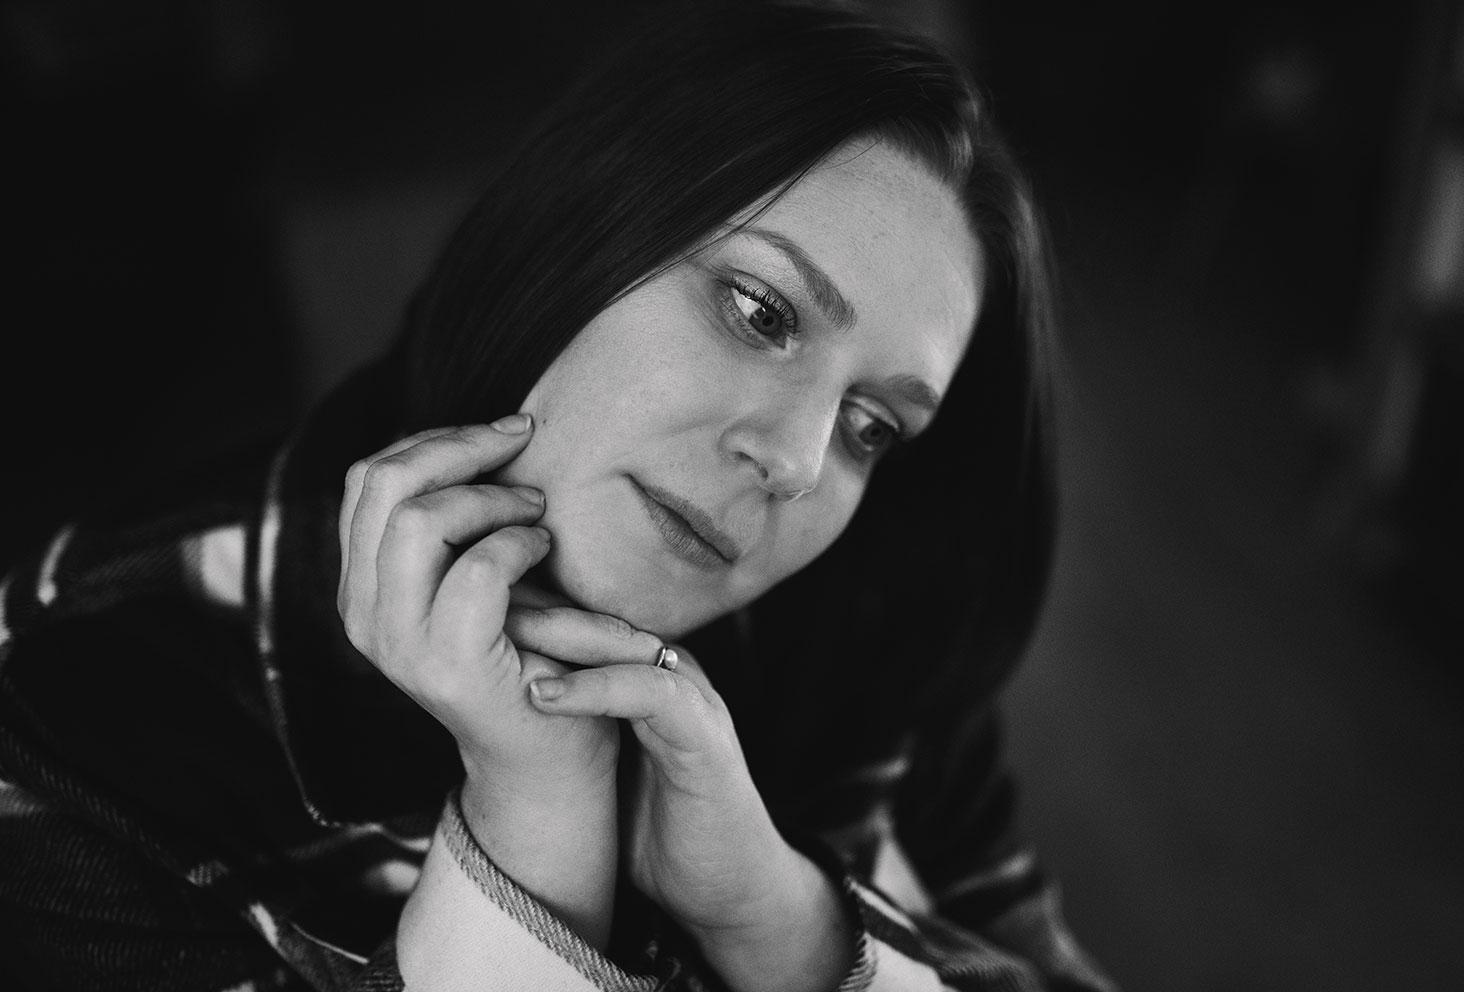 Le regard nostalgique, en noir et blanc, assise sur le sol, les mains sur le visage